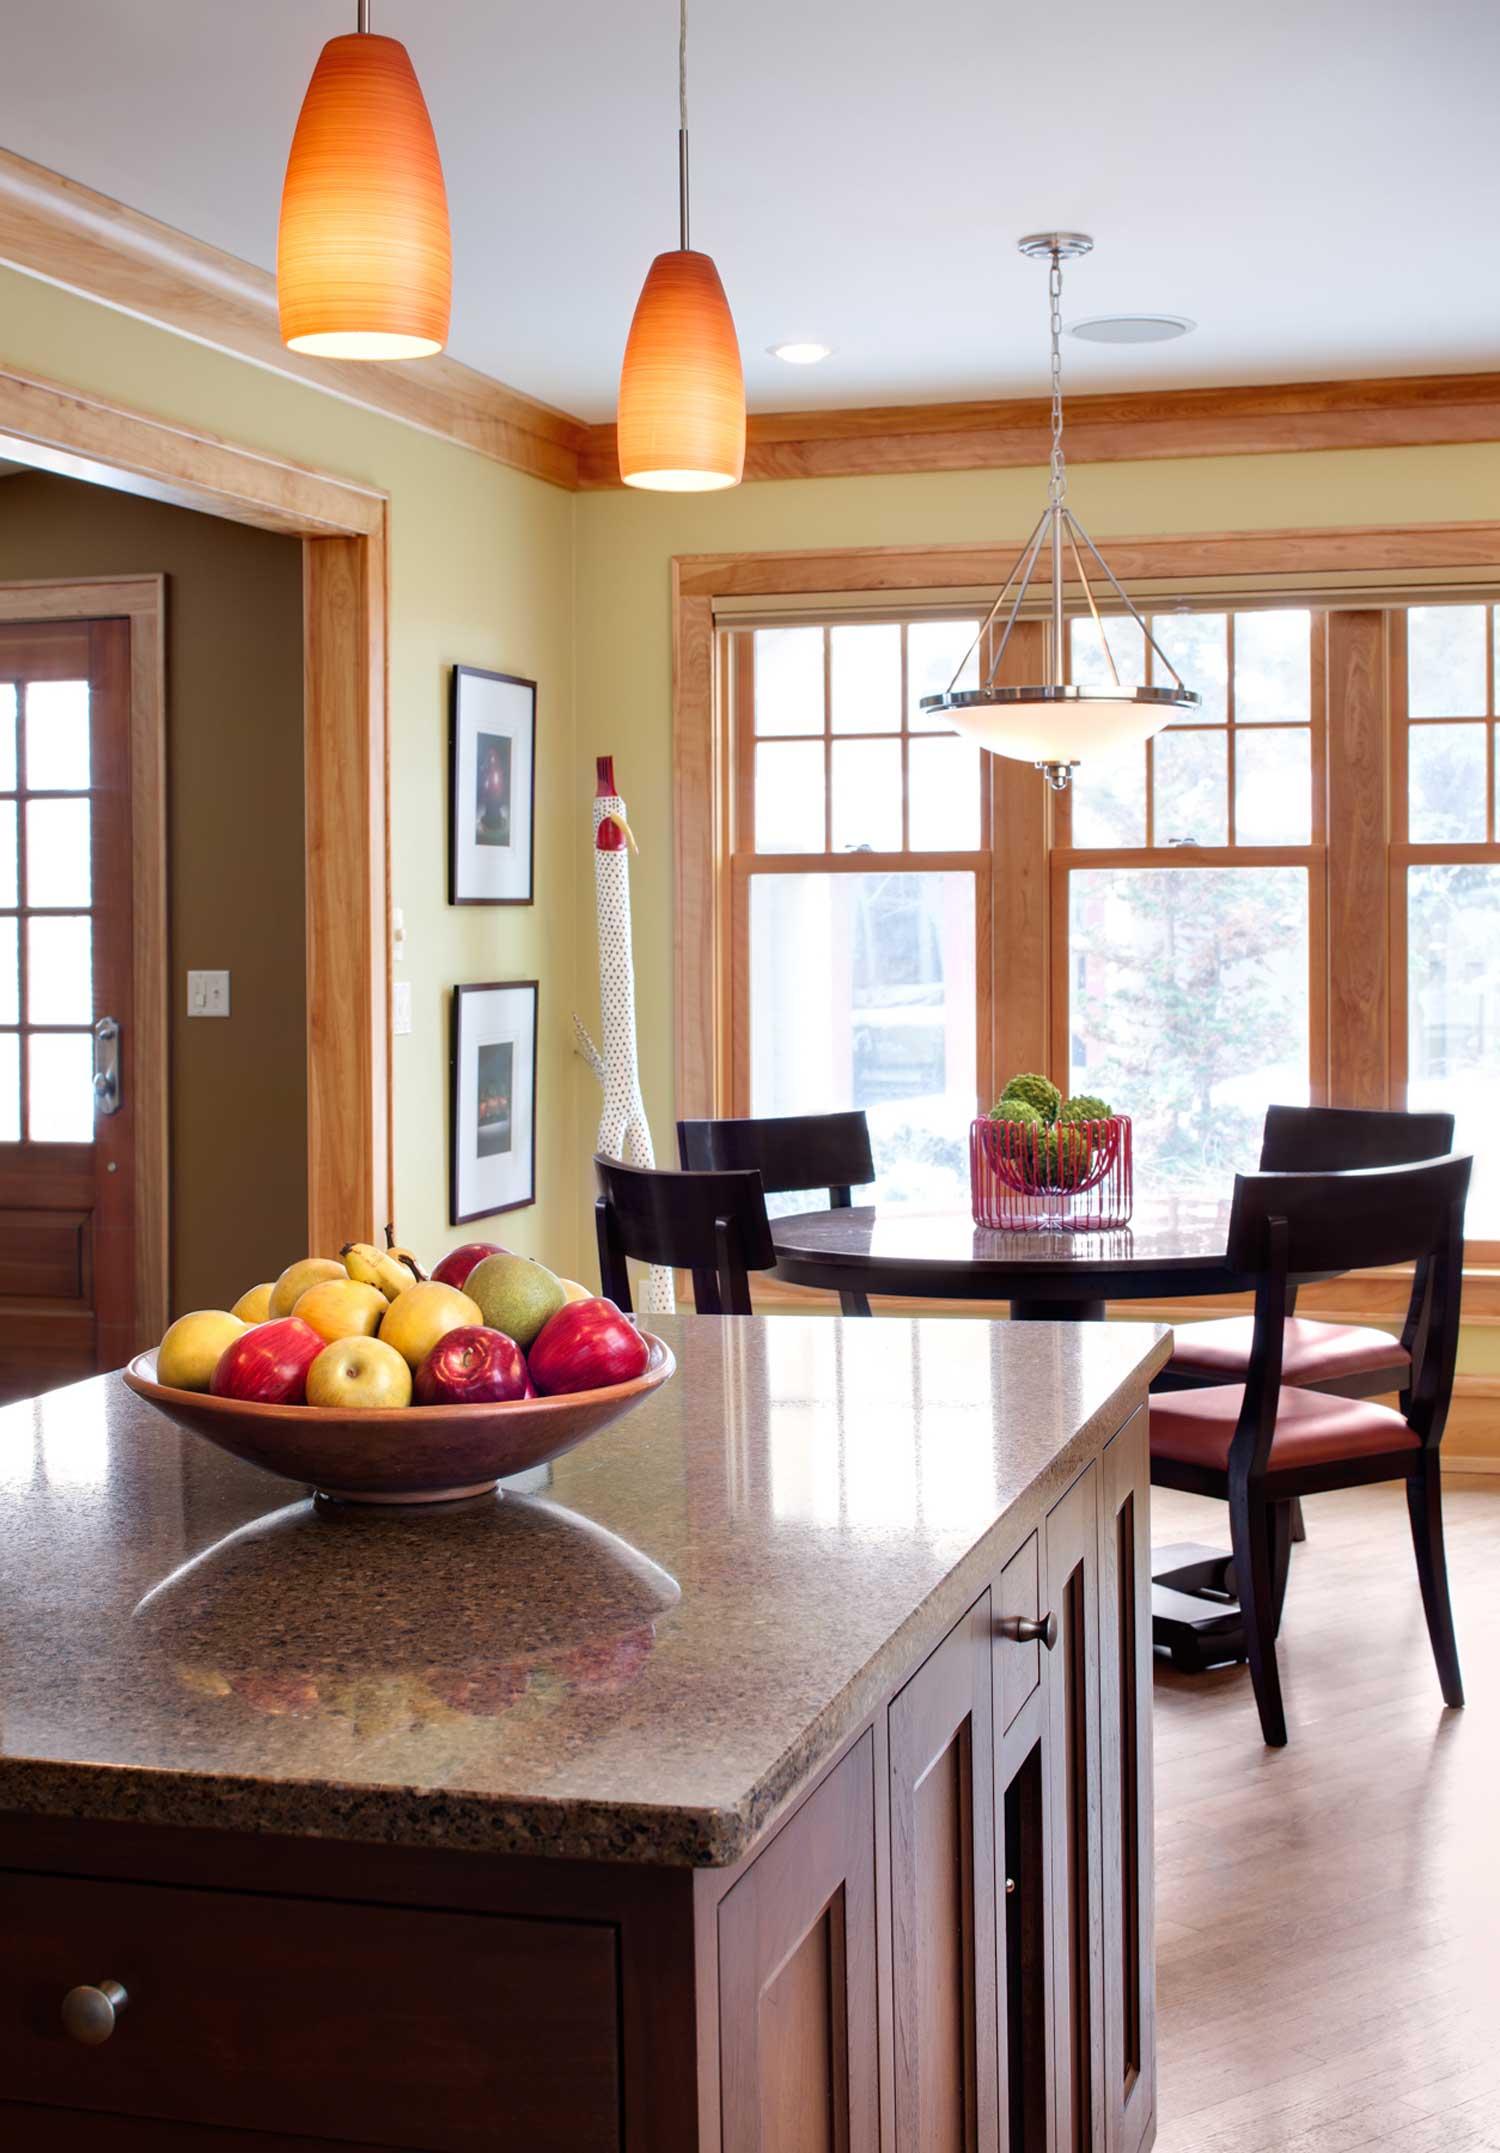 KHDB_2376_Web_Kitchen.jpg